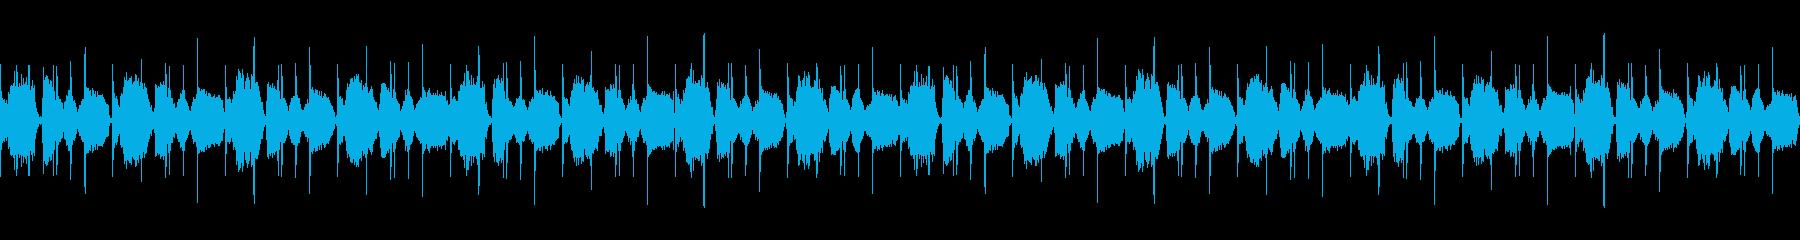 Lo-Fi HipHopのBGM用の再生済みの波形